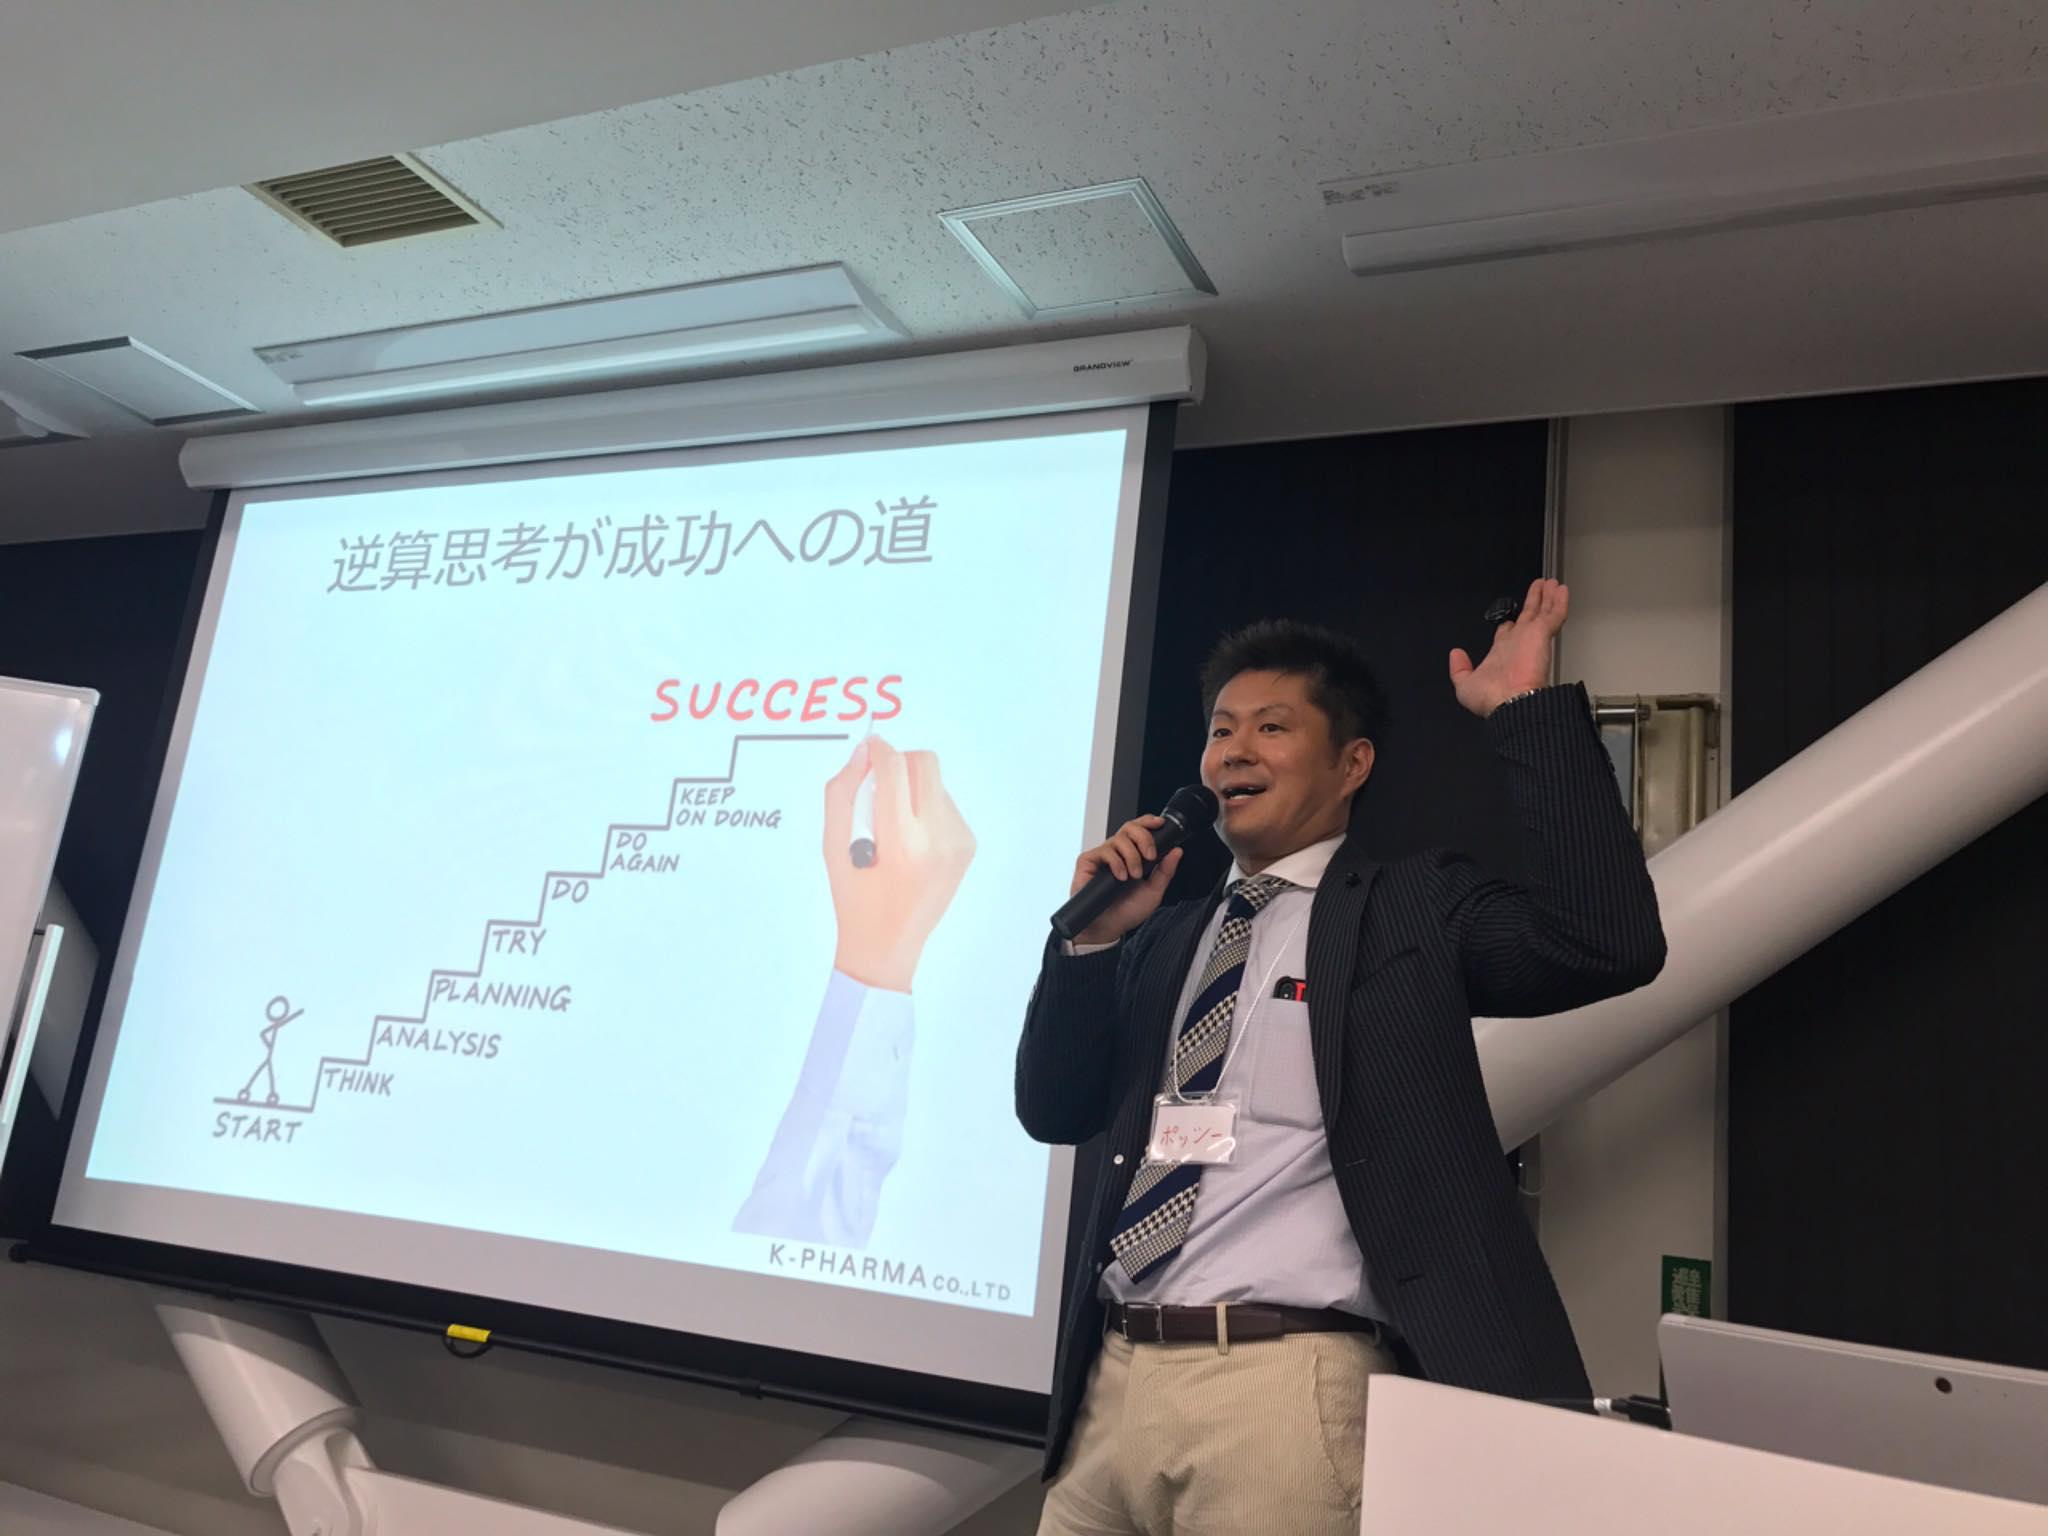 あなたに足りないものが見つかる!独立開局支援セミナーin東京開催しました